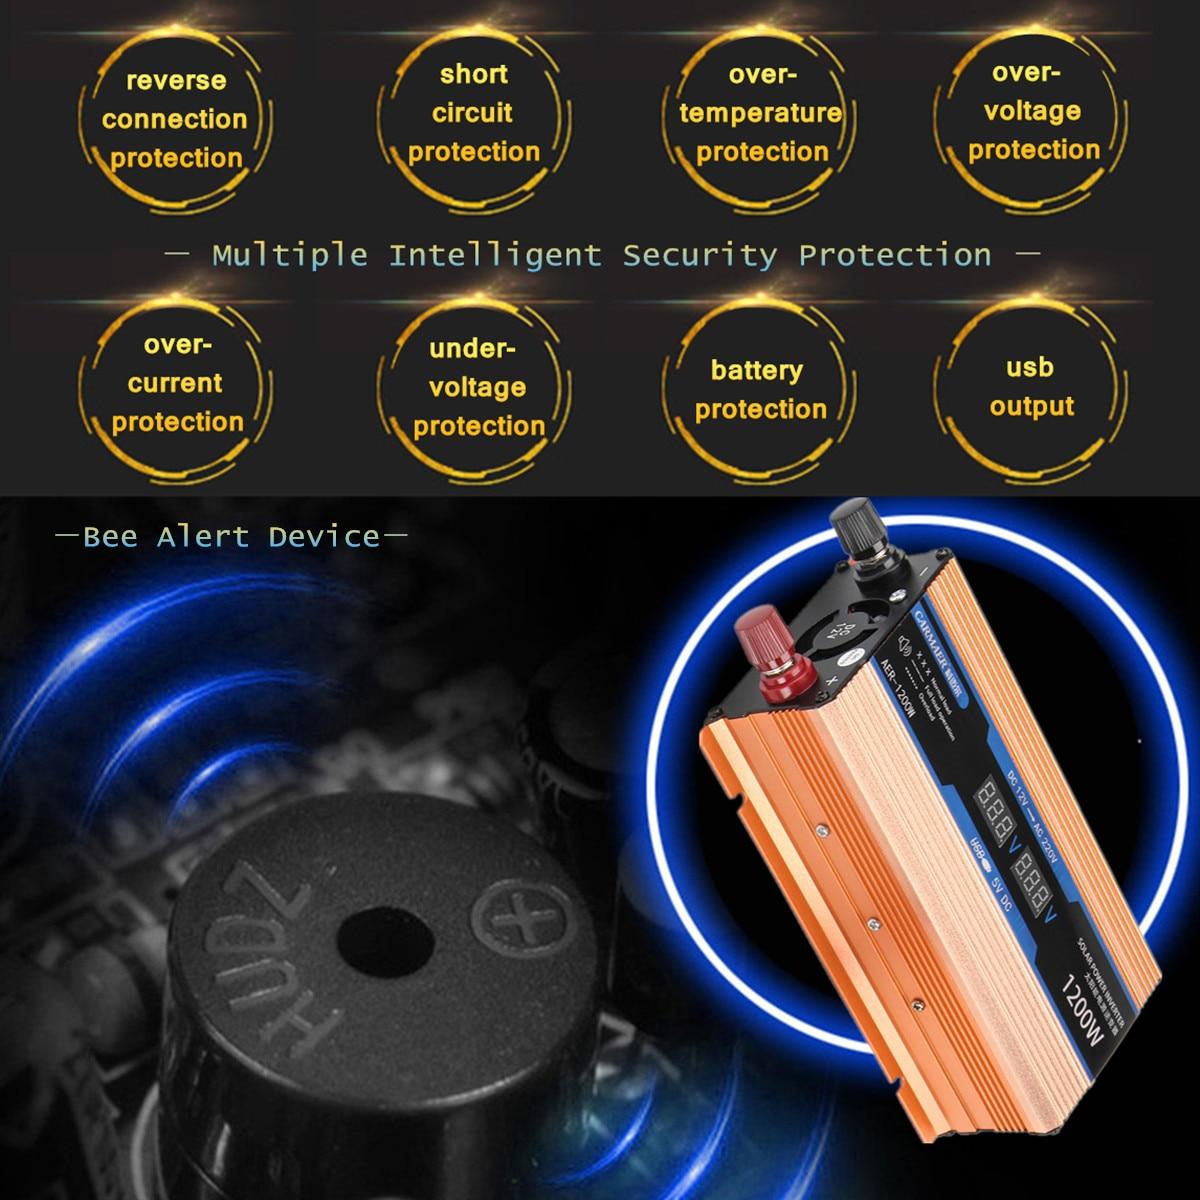 4000 Вт двойной ЖК-дисплей Smart Mute вентилятор автомобиль солнечной Мощность инвертор синусоида преобразователь DC 12 В к AC 220 В защиты безопаснос...